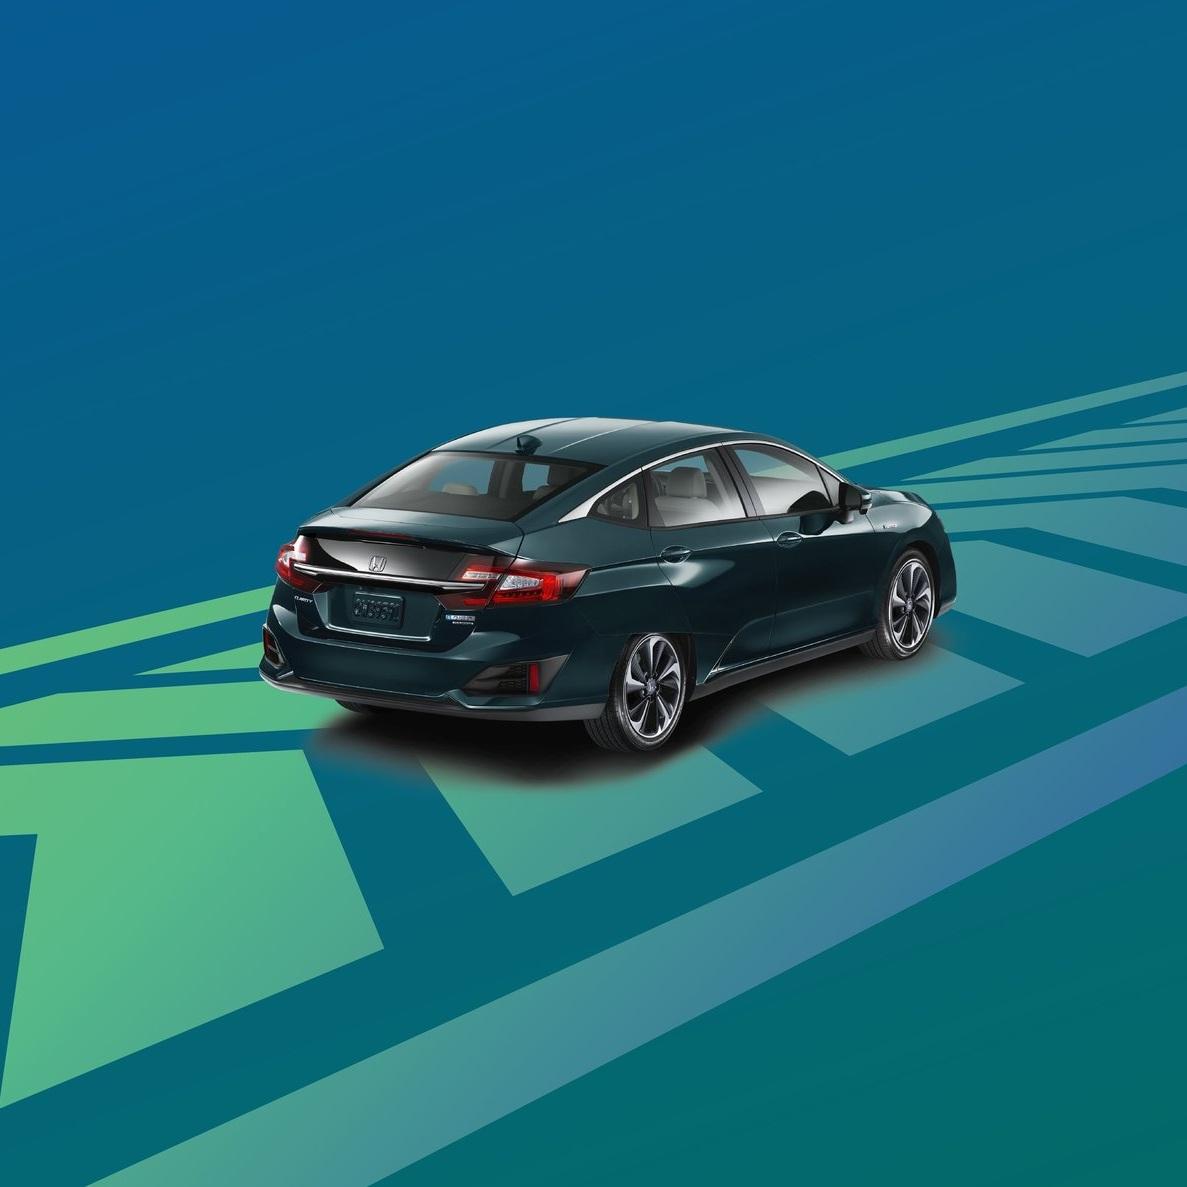 Honda%2BAutoShow_Clarity-01.jpg